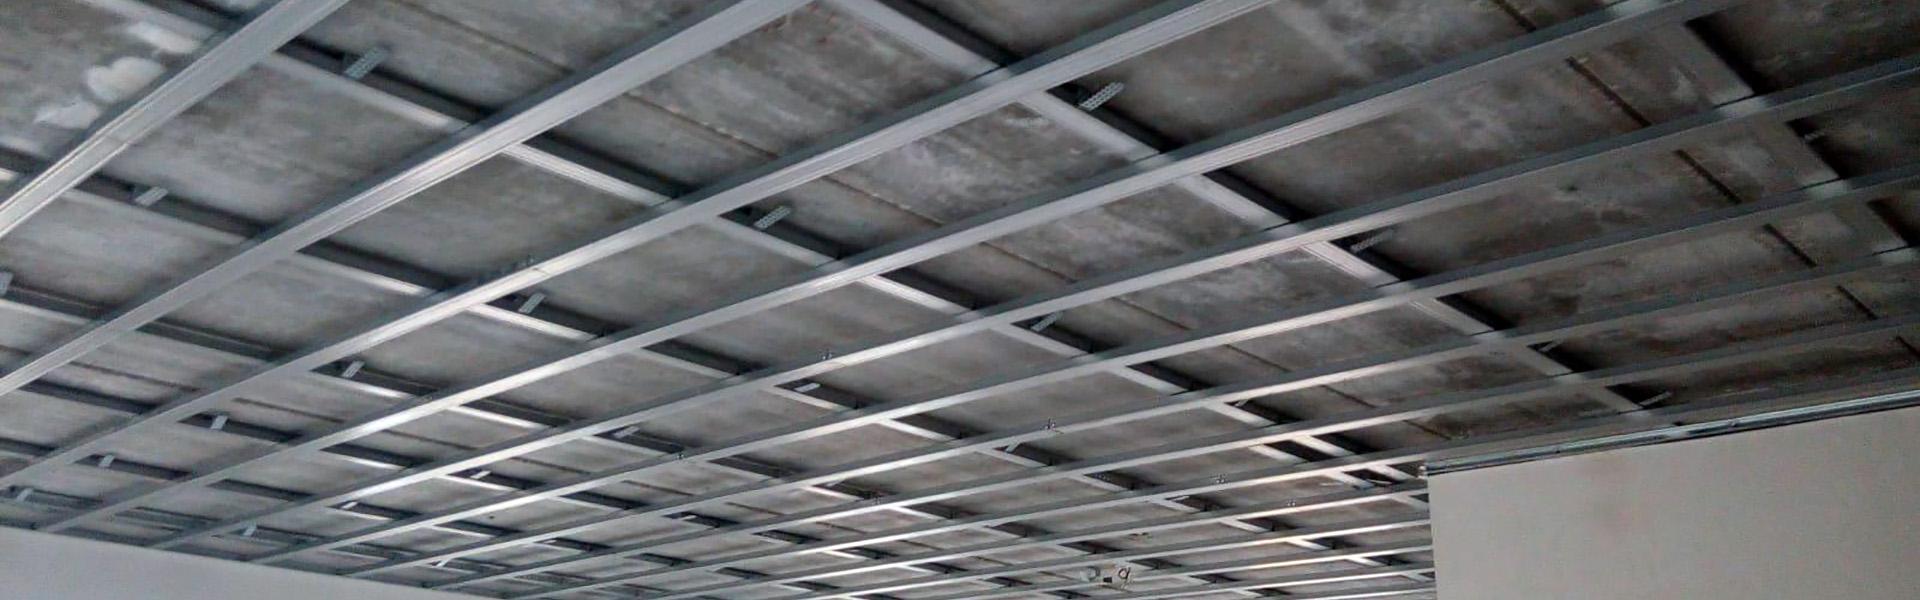 Expert Verlagen Plafonds